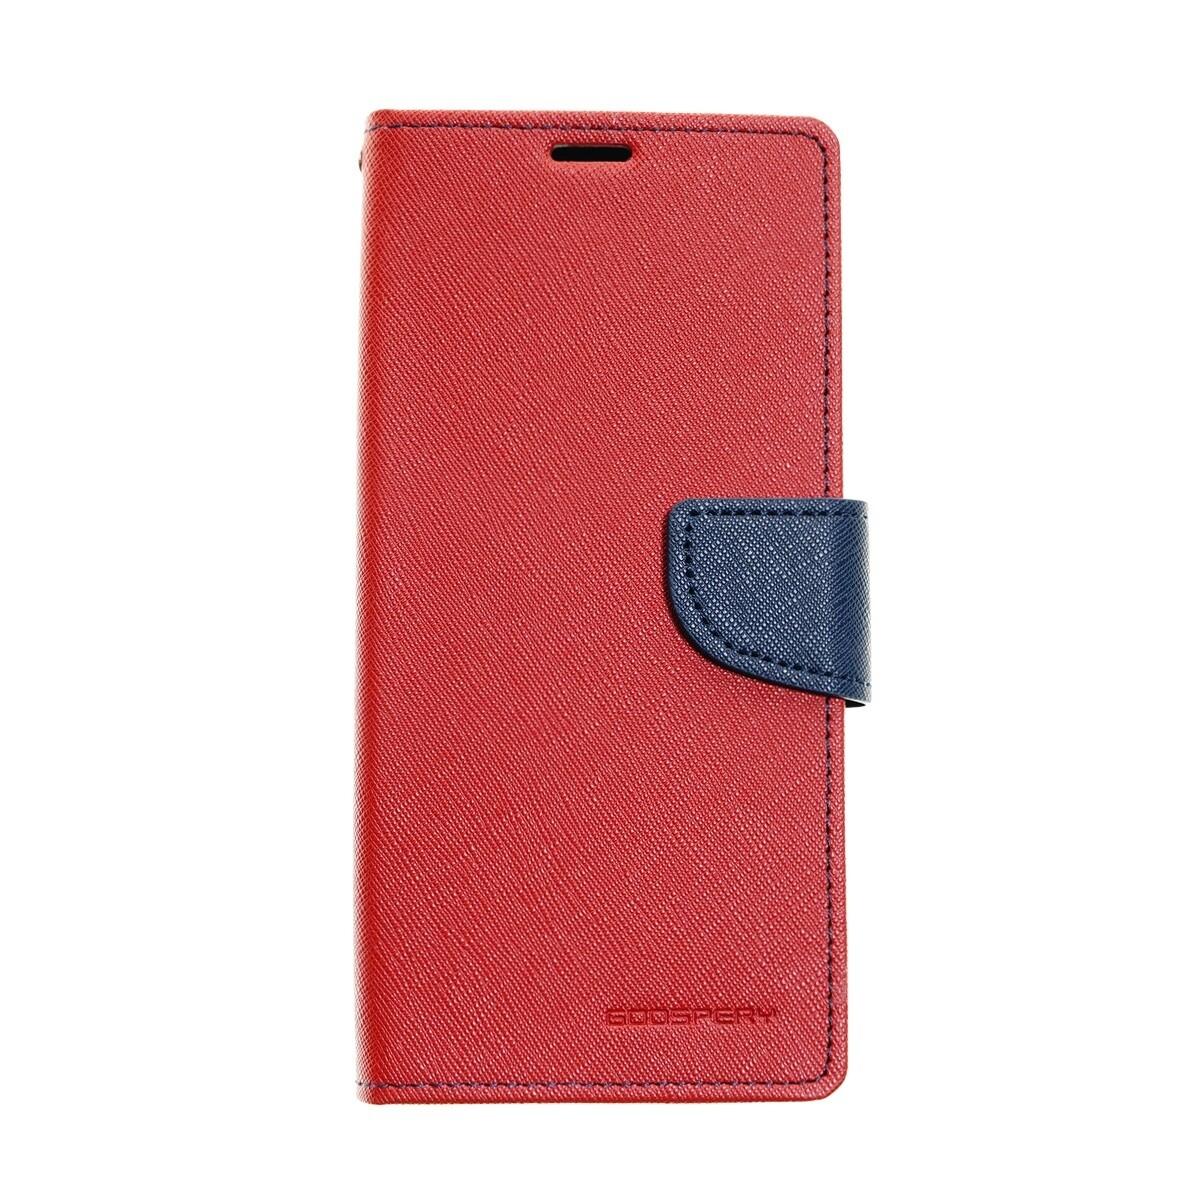 Estuche GOOSPERY Fancy Diary Rojo/Aziul Marino SAMSUNG S8